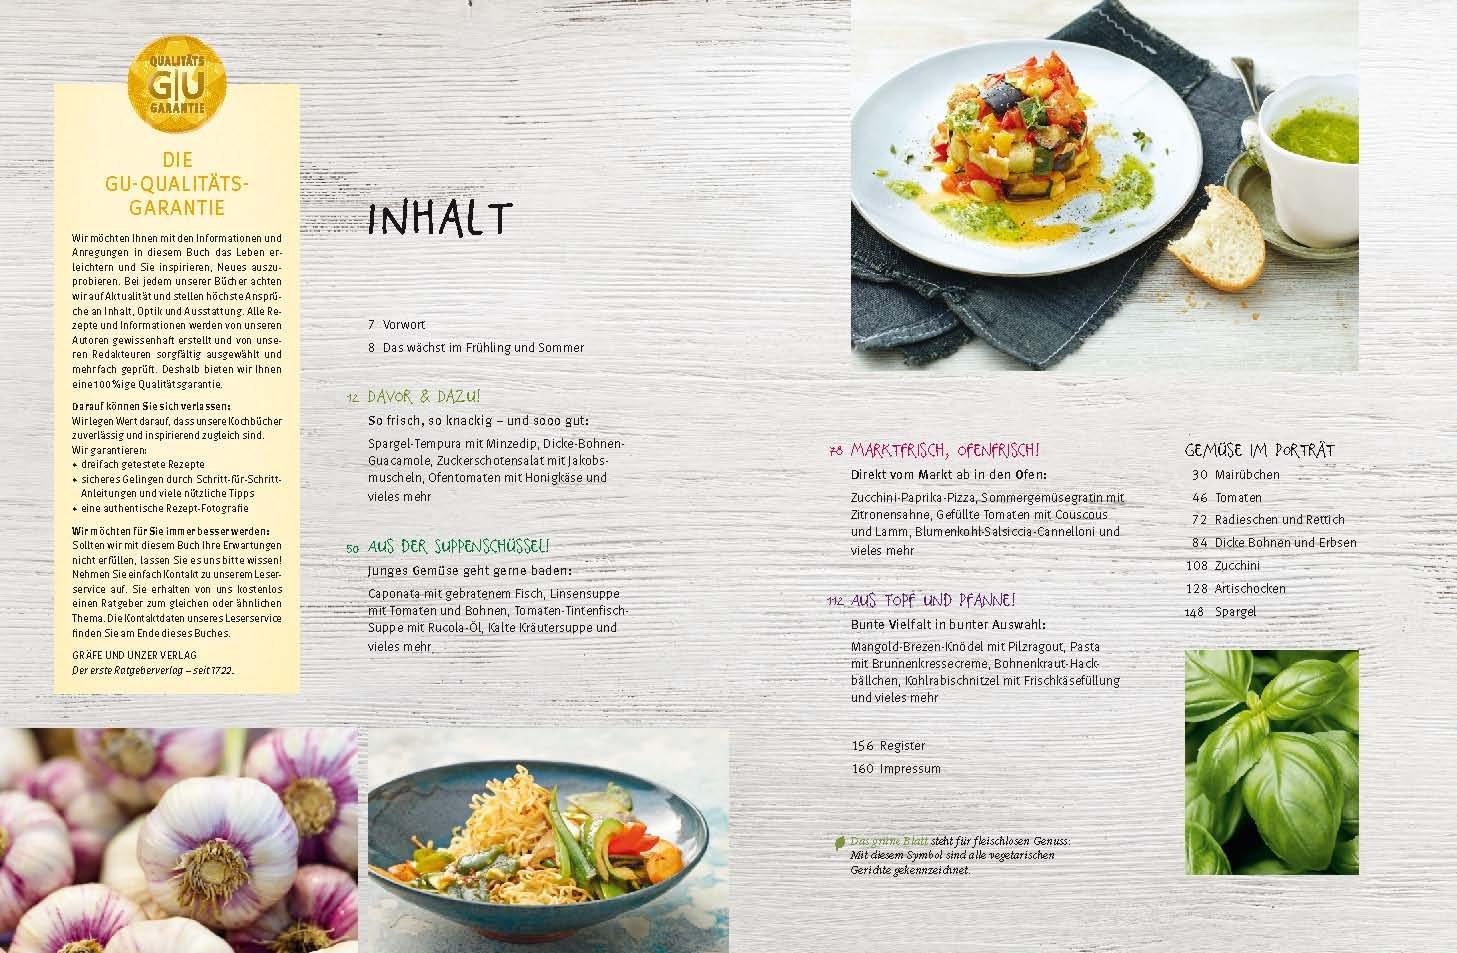 Sommerküche Rezepte : Frühling sommer gemüse Überraschend neue rezepte für die